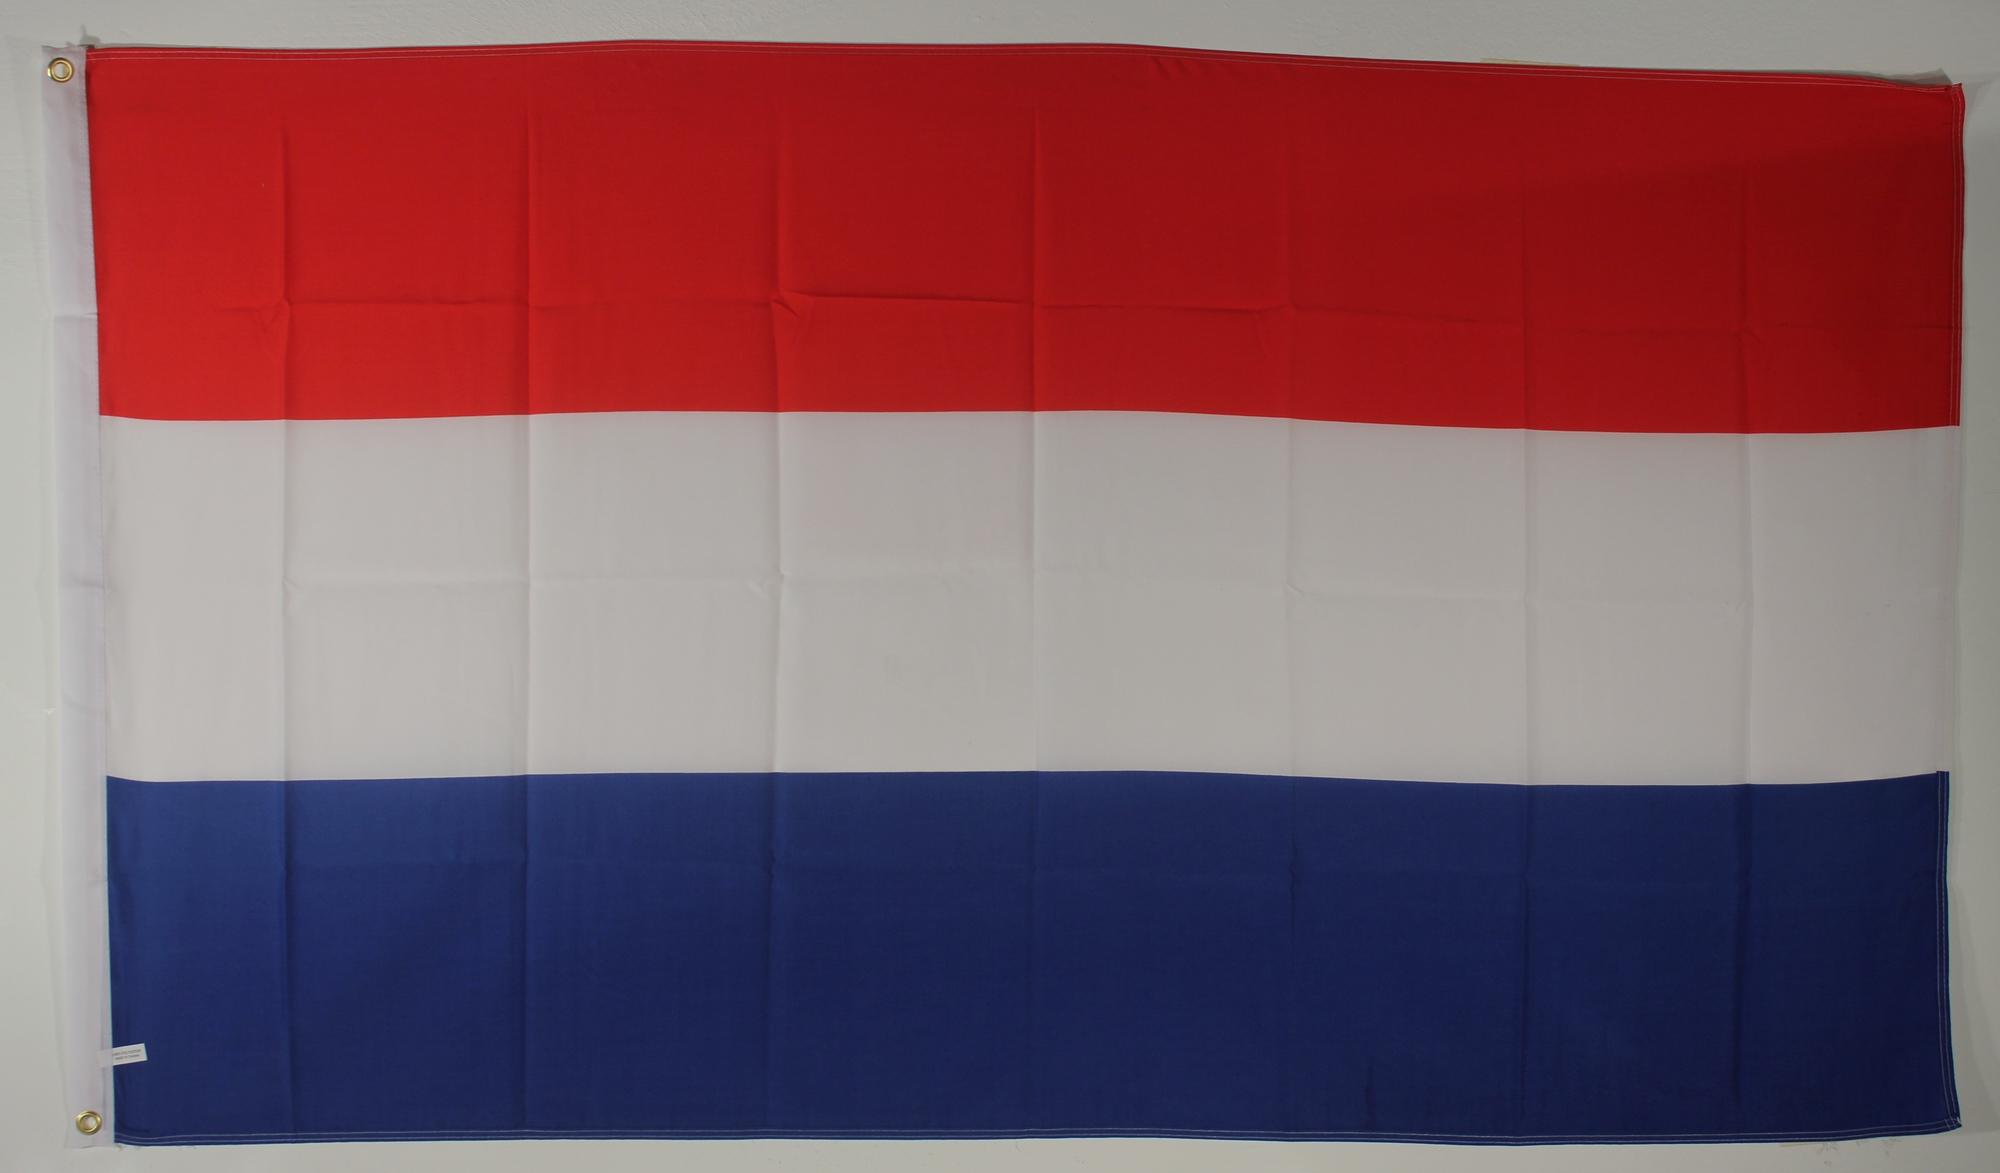 Hamburg HH Flagge Fahne Hißflagge Hissfahne 150 x 90 cm